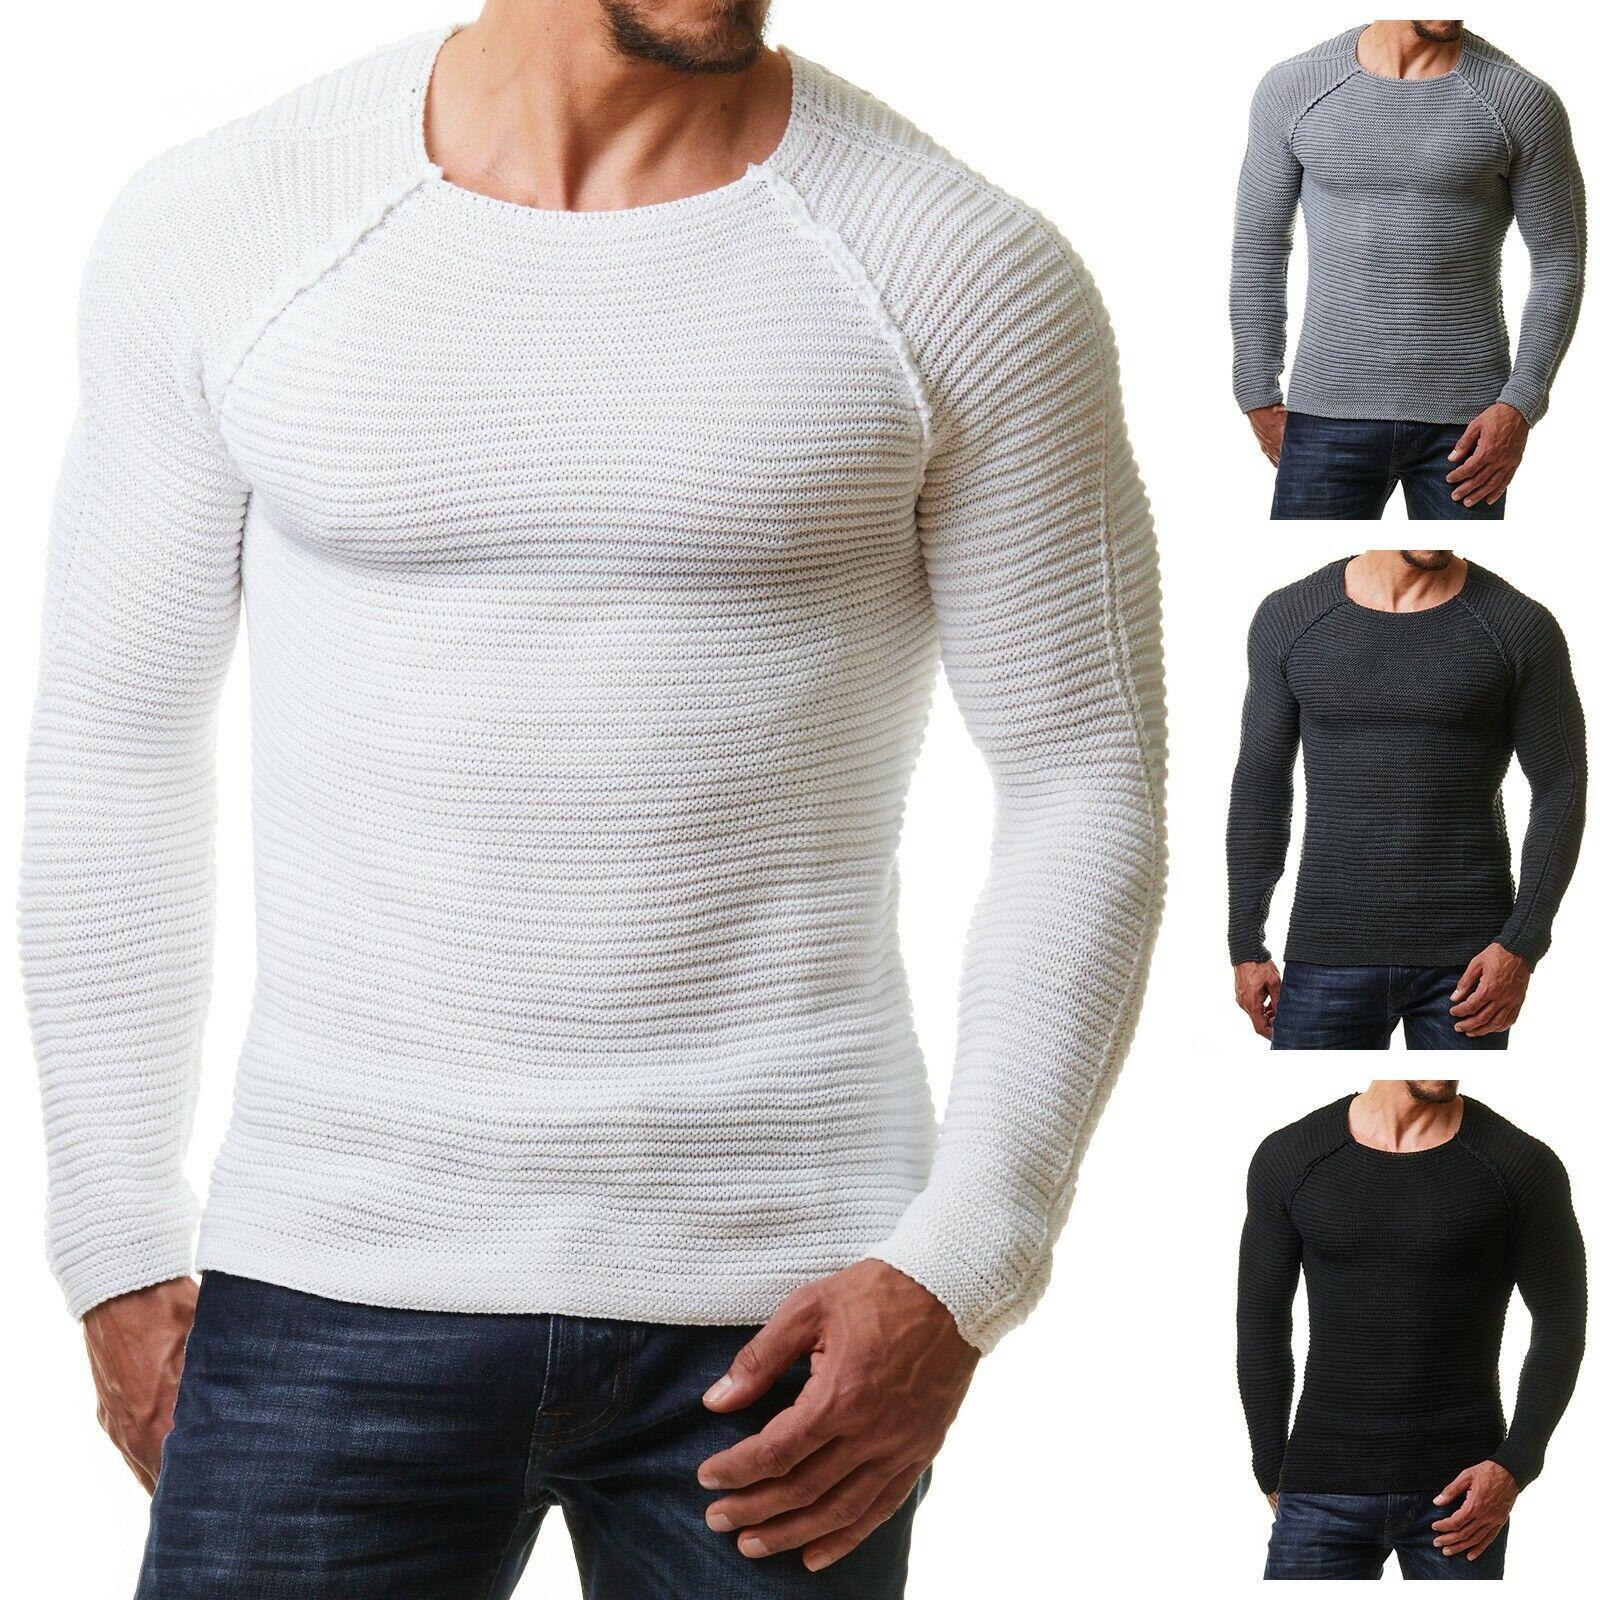 Burocs BR8542 Herren Strick Pullover Longsleeve Shirt Fitness Slim Fit